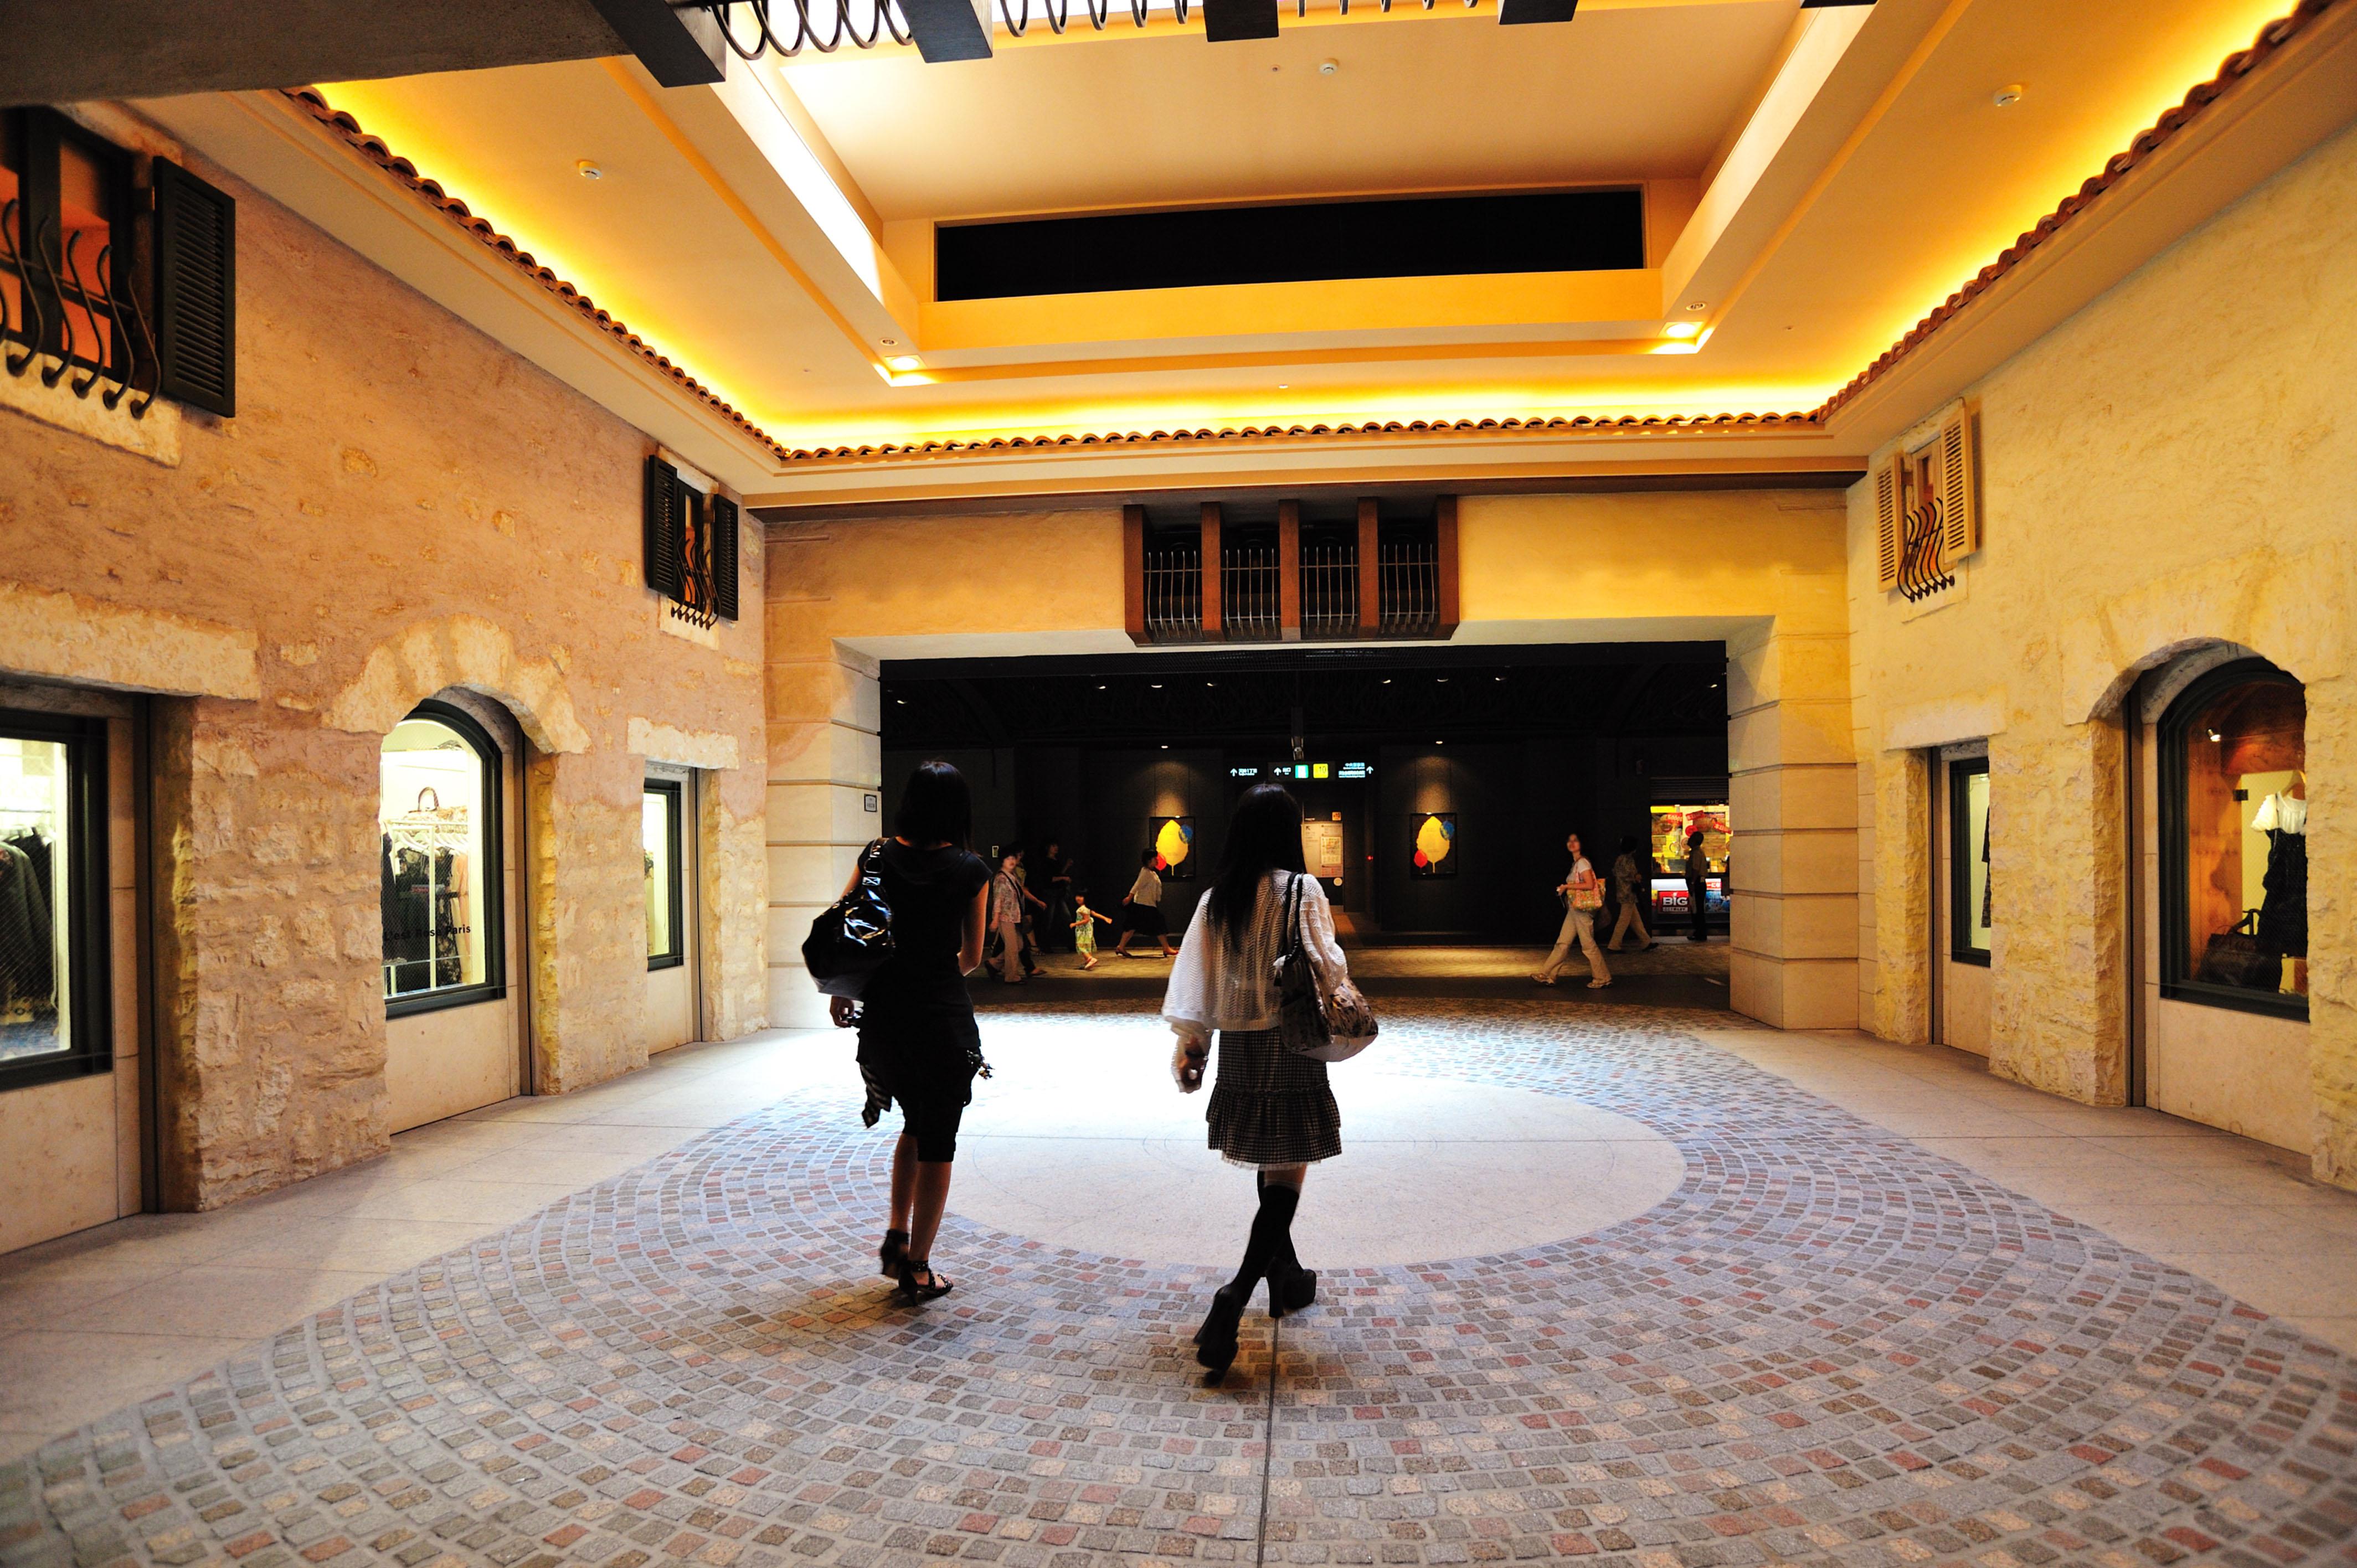 天神地下街(2009)の画像